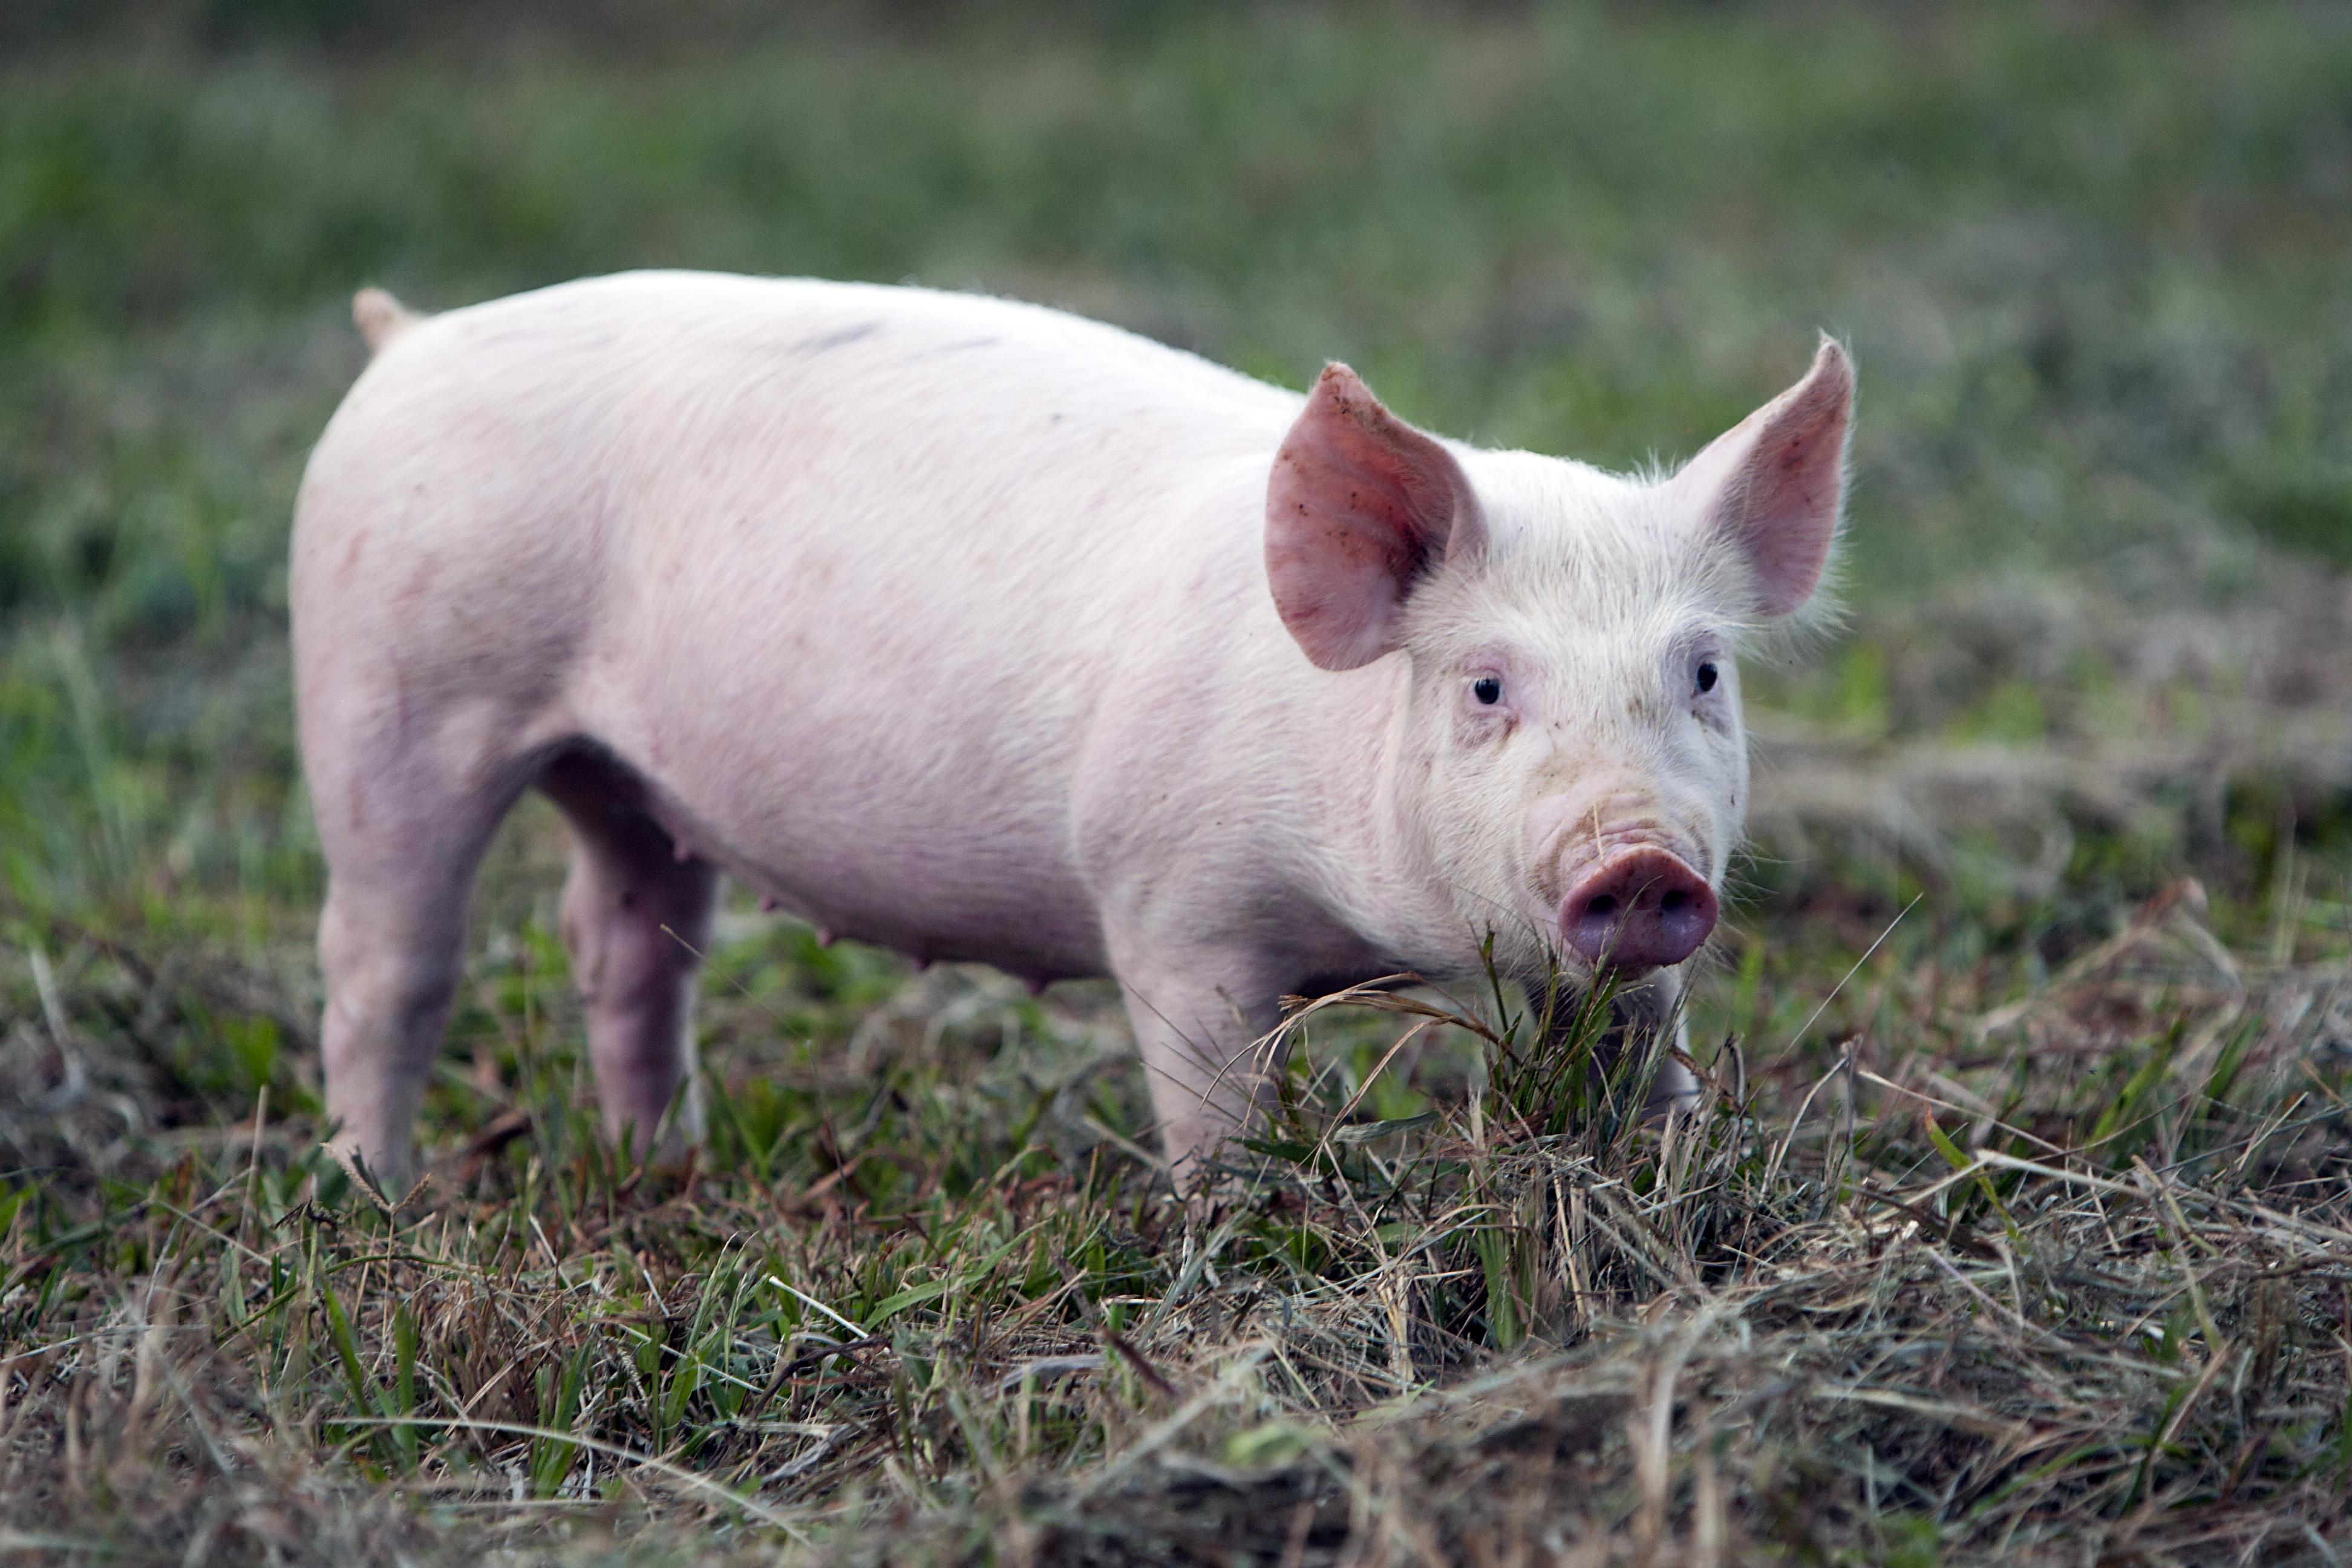 A little pig in a farm